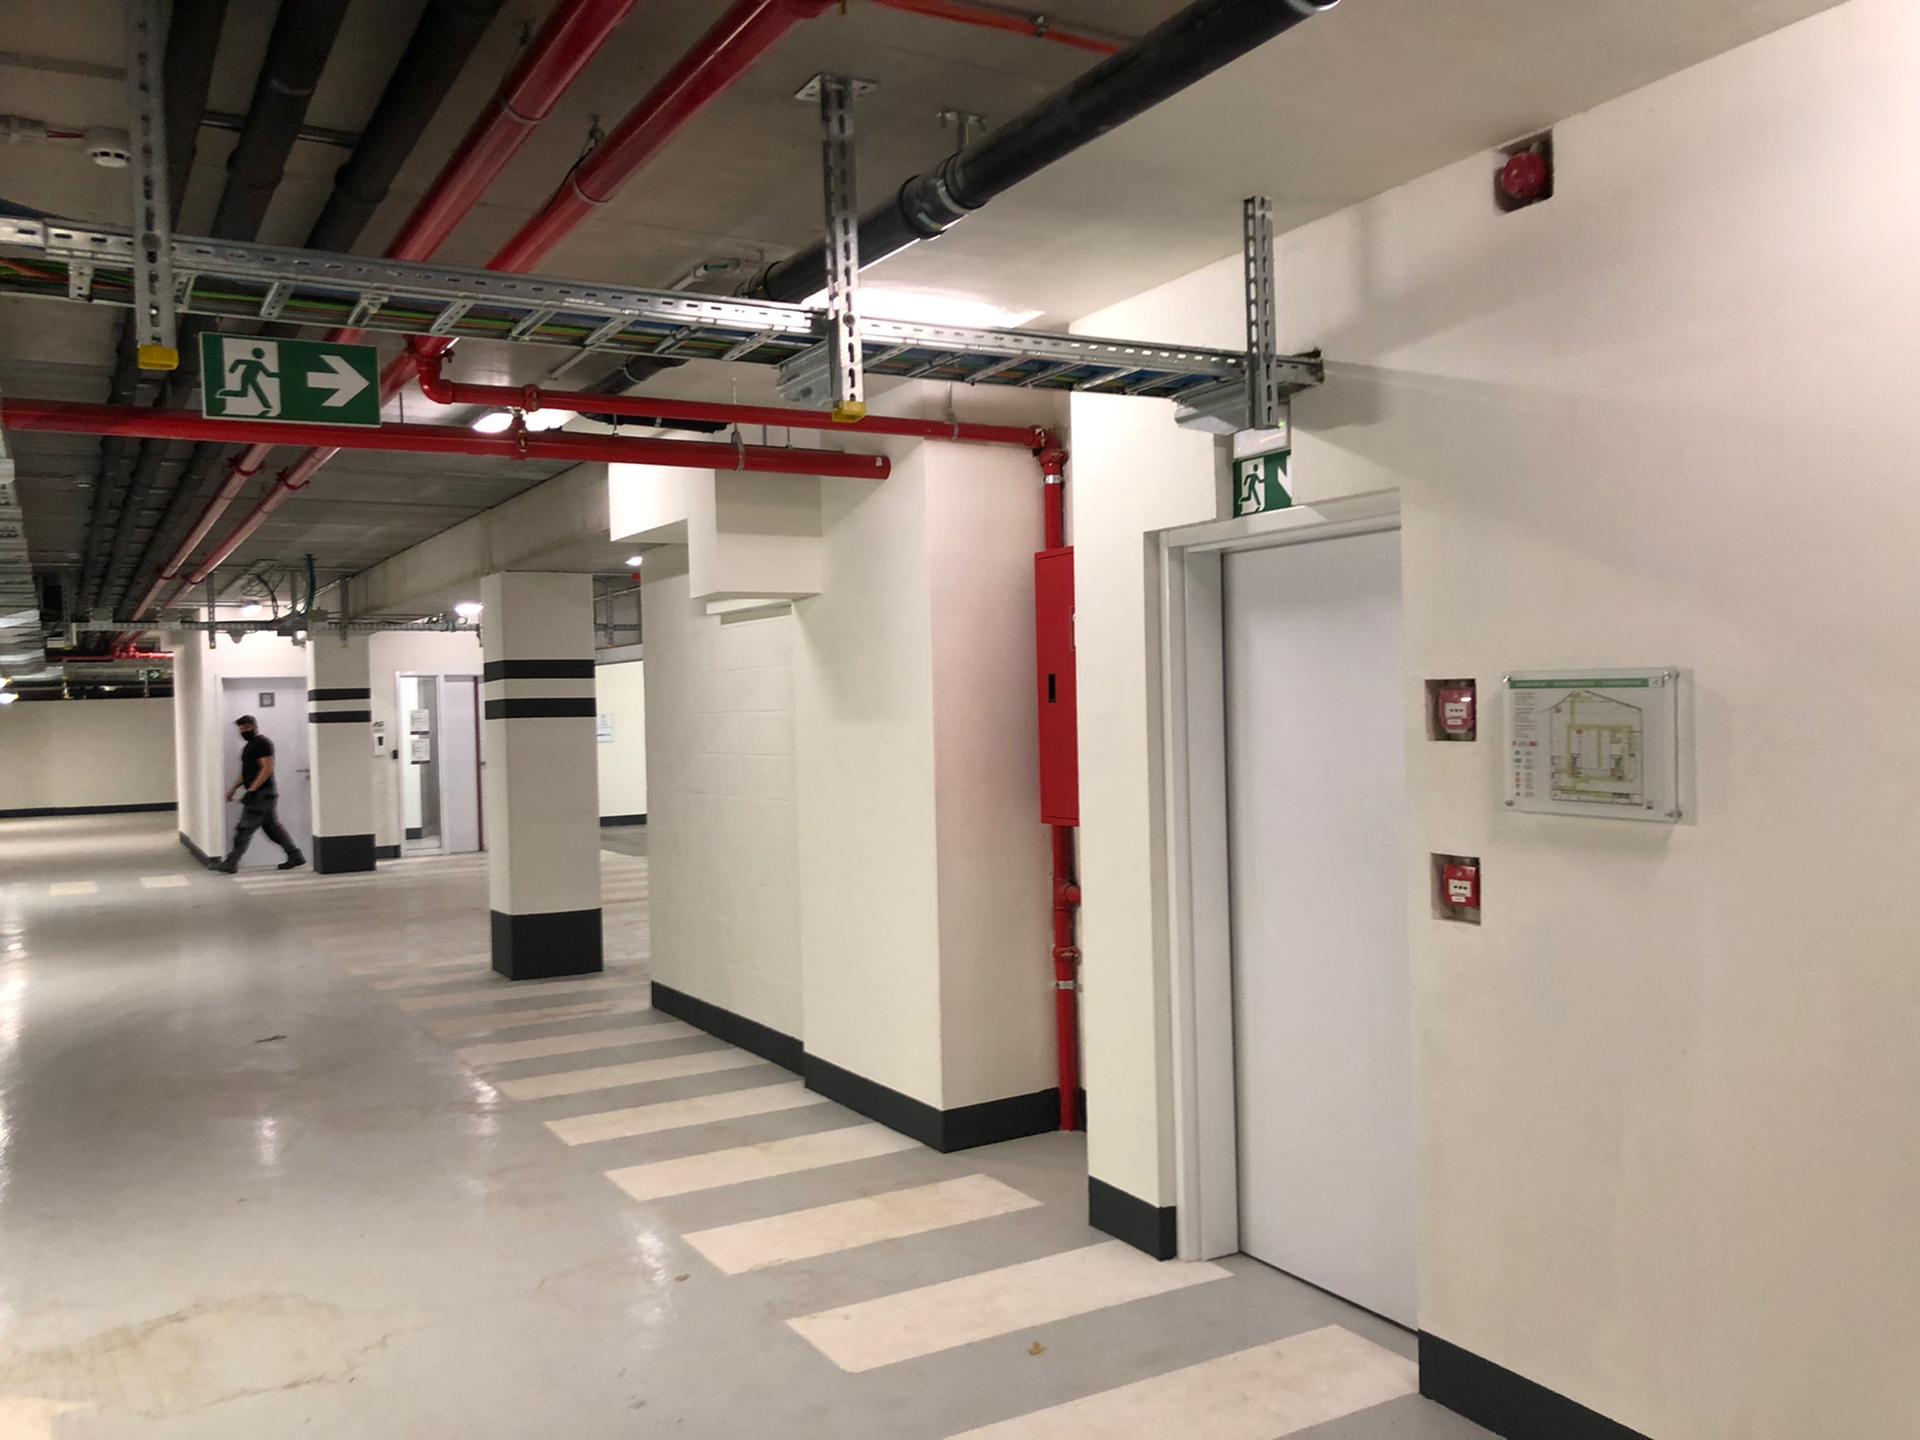 Wayfinding ondergrondse parking bij Tweed, evacuatieplan op wand en veiligheidspictogrammen door Actual Sign, member of the Remotec Group